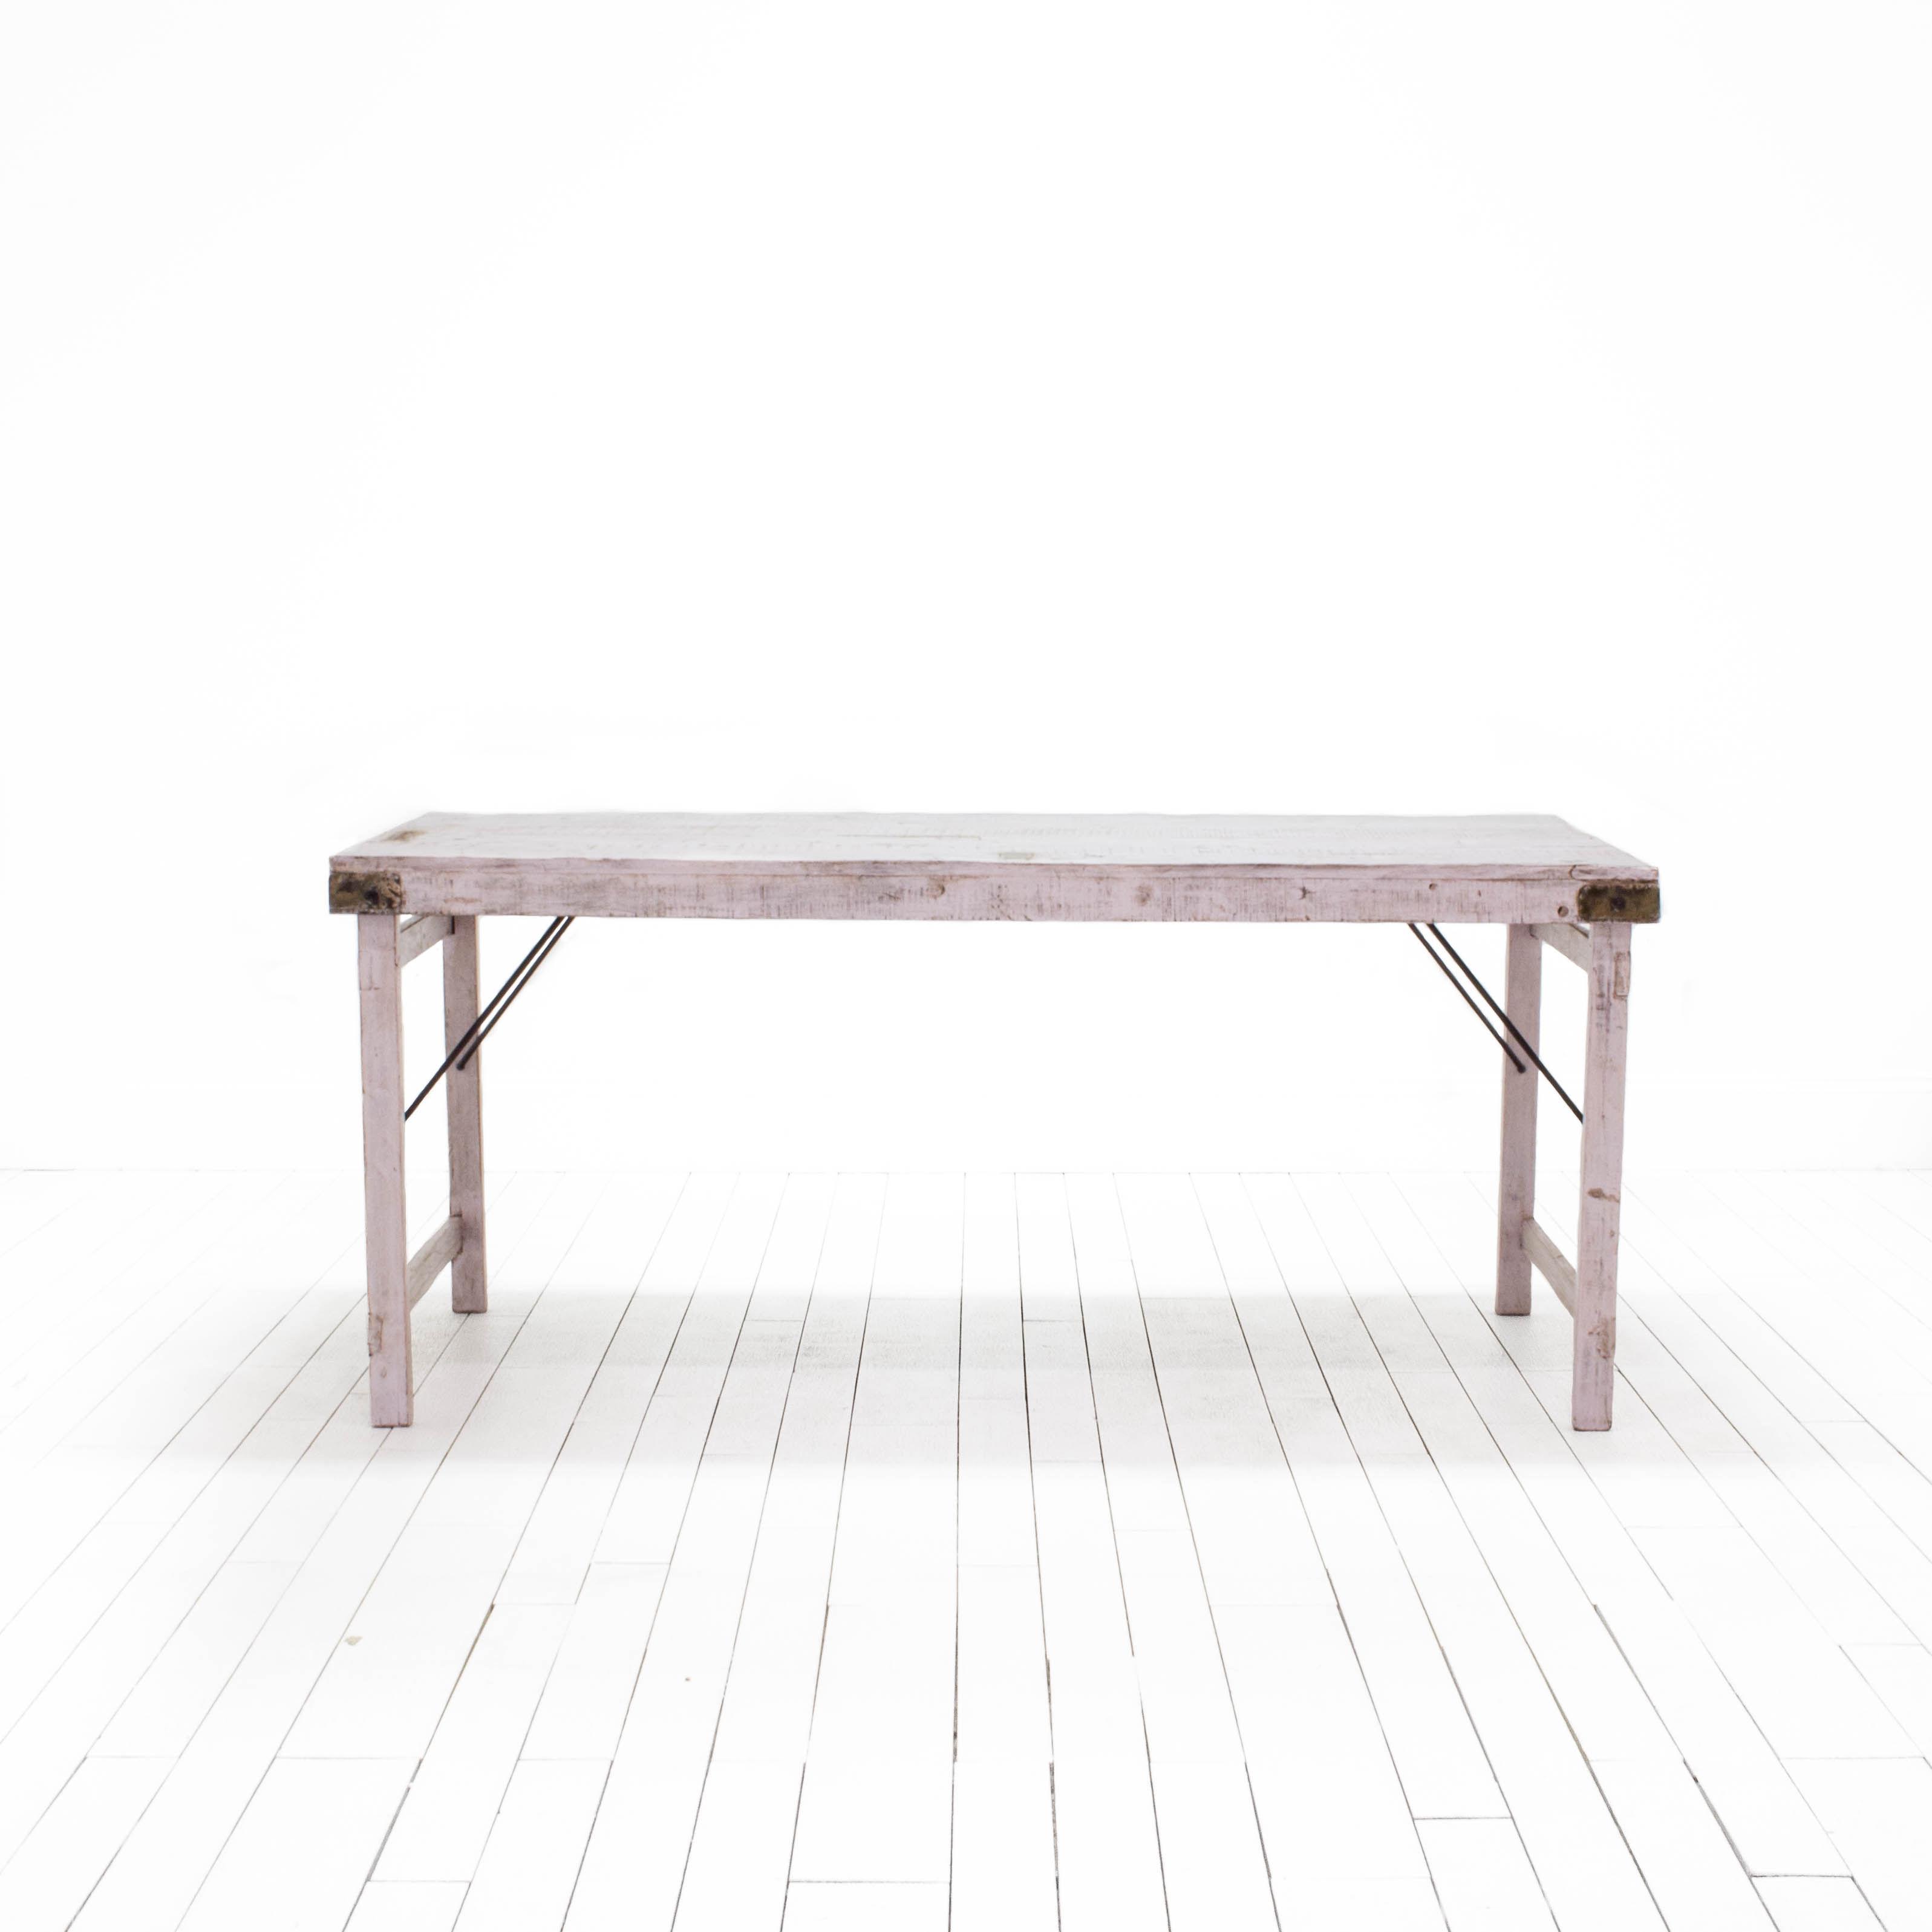 Lucy Farm Tables